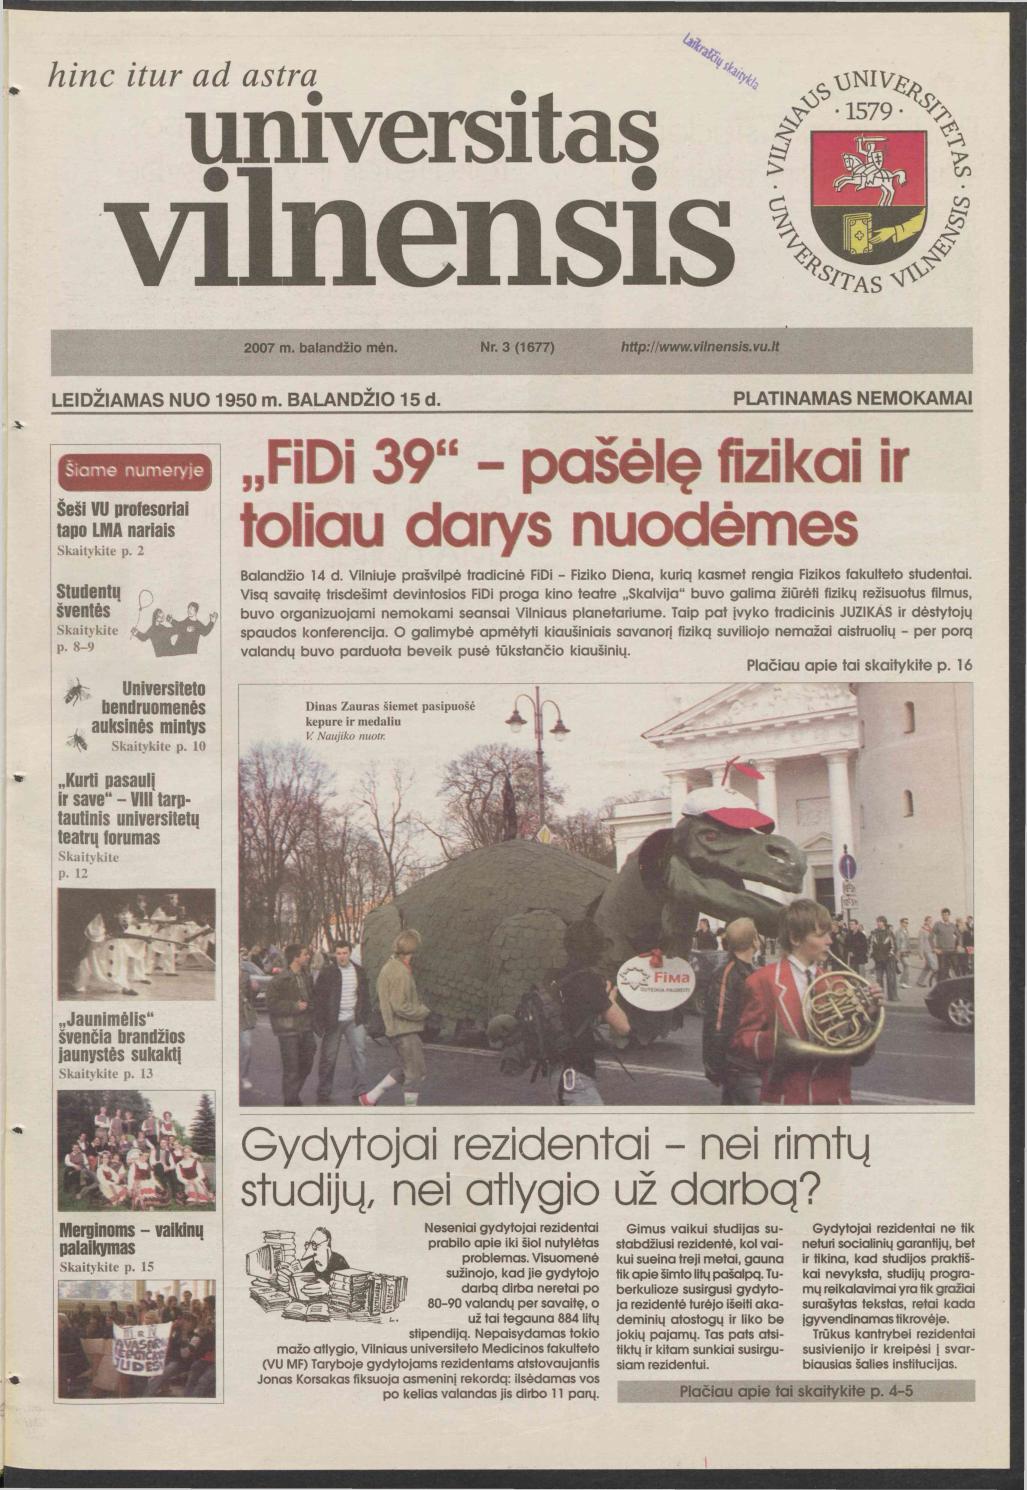 jorko universiteto strategija)